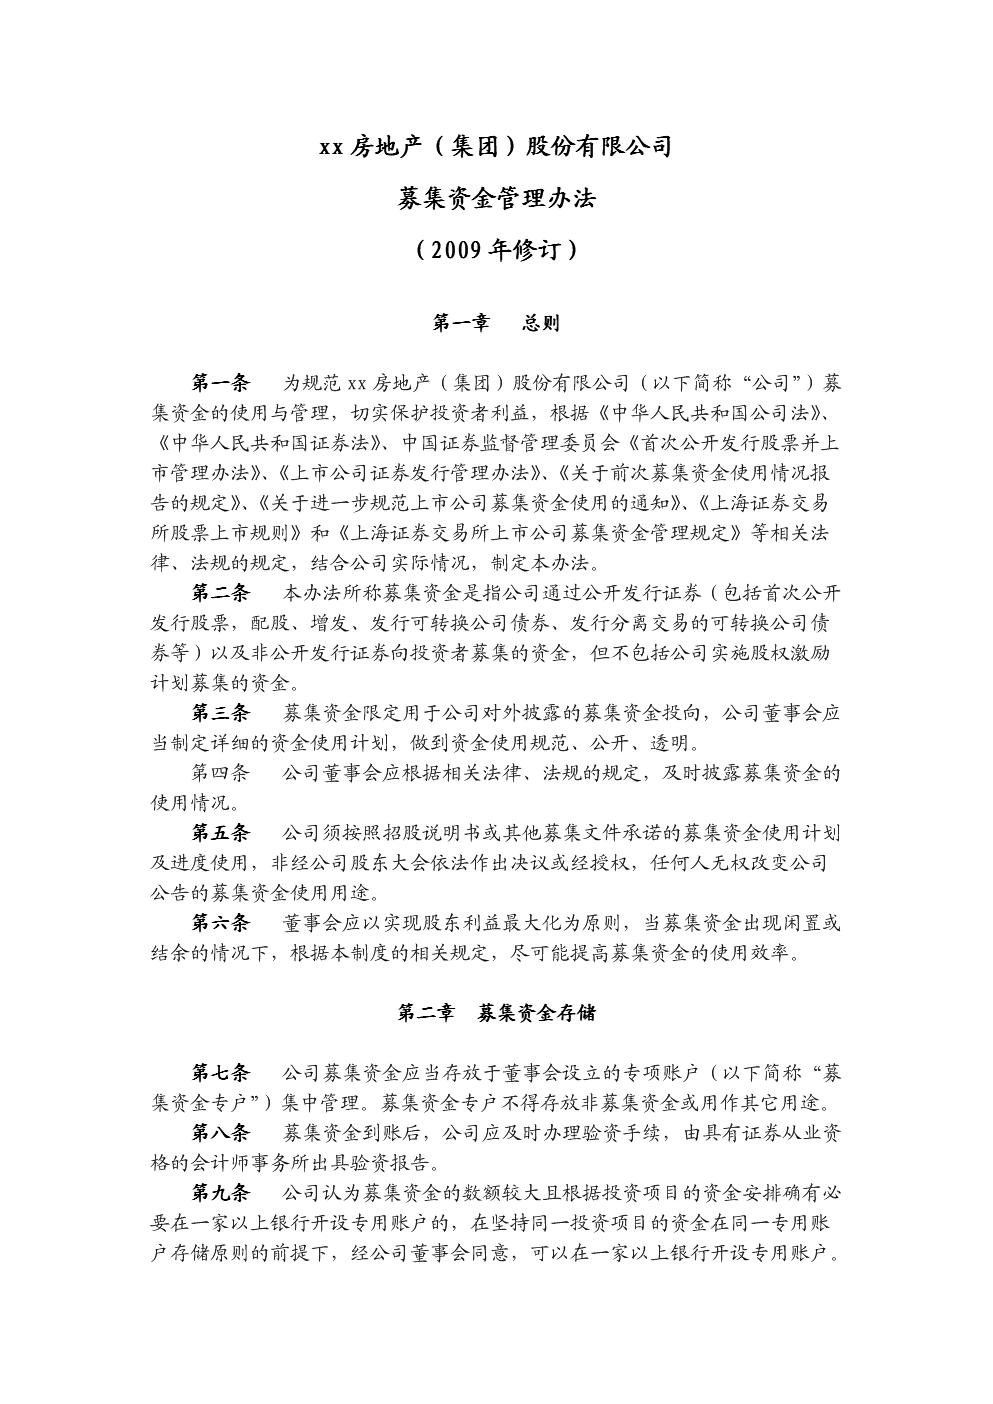 房地产公司募集资金管理办法.doc